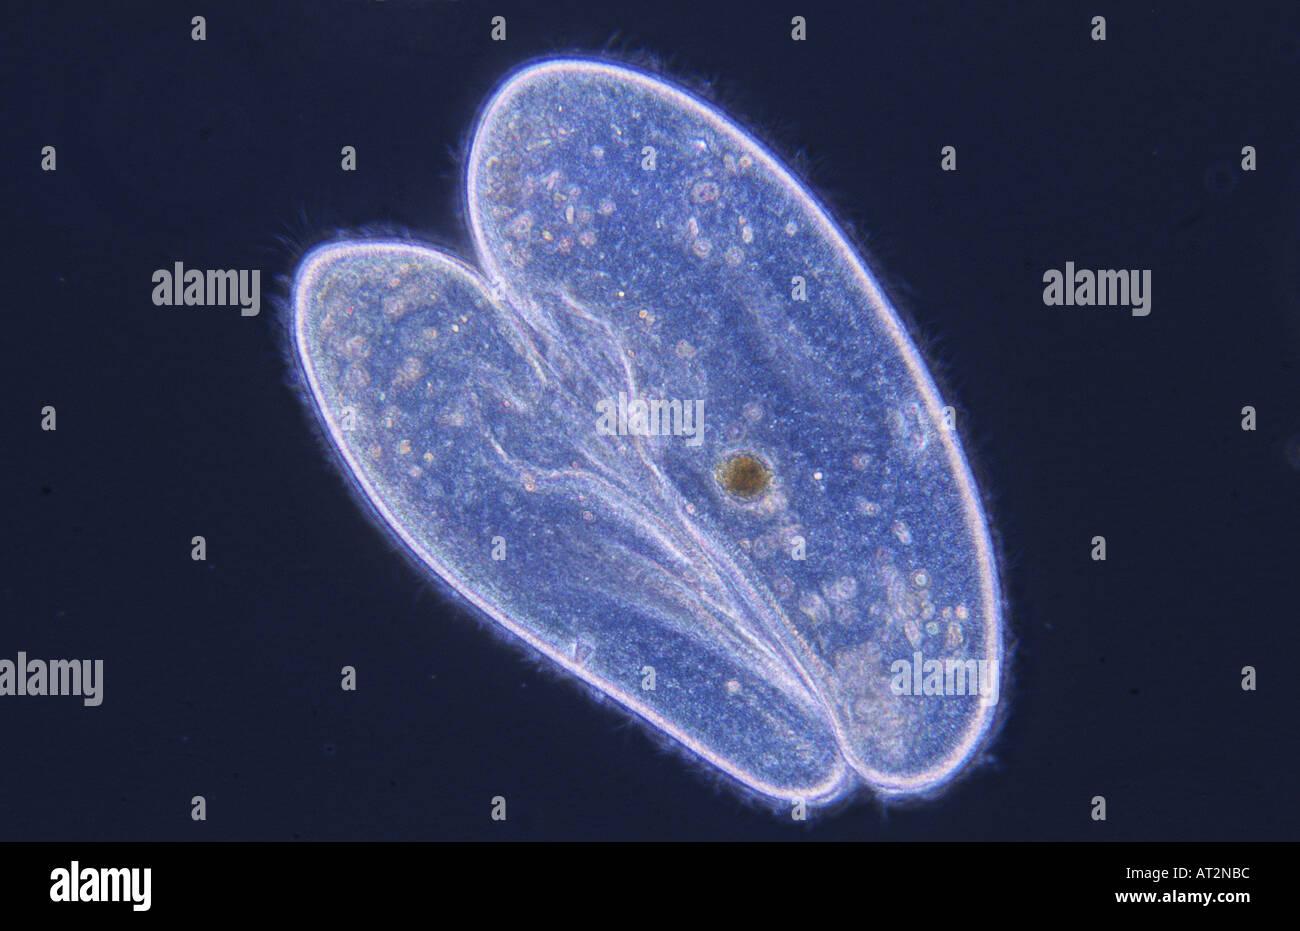 Conjugation Cell division Ciliata Protozoan Optic microscopy Stock Photo